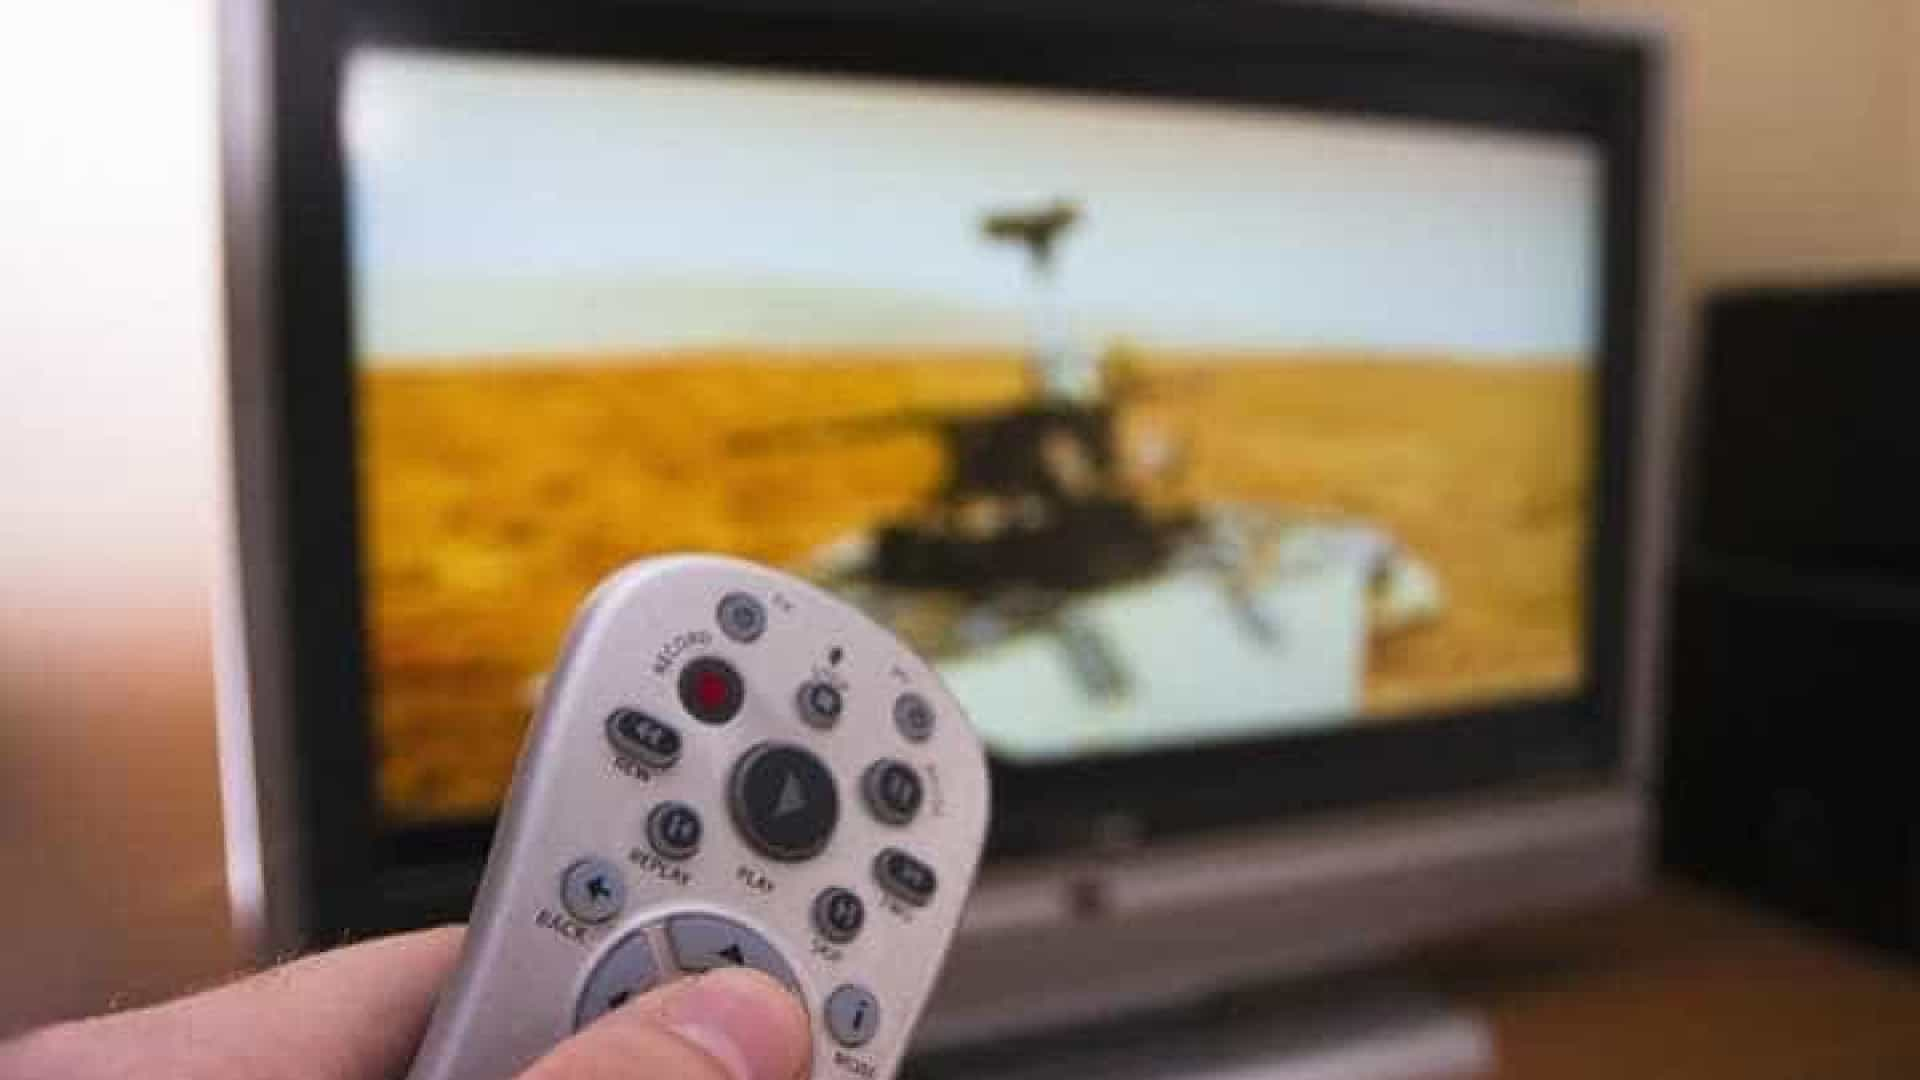 Beneficiários do Bolsa-Família recebem conversor para tv